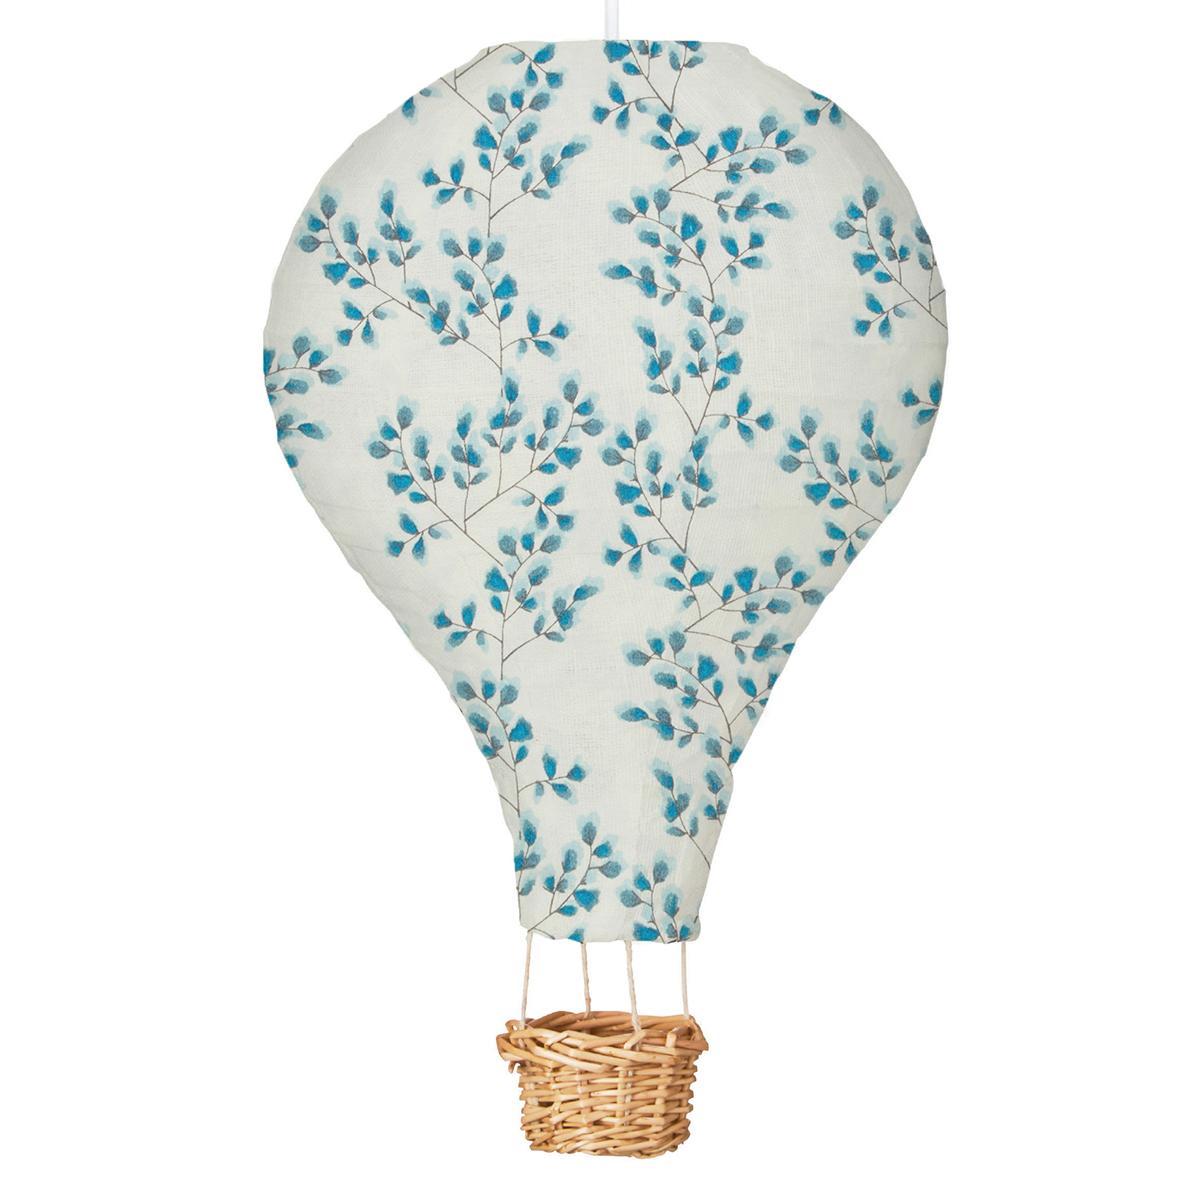 Suspension  décorative Lampe Montgolfière - Fiori Lampe Montgolfière - Fiori